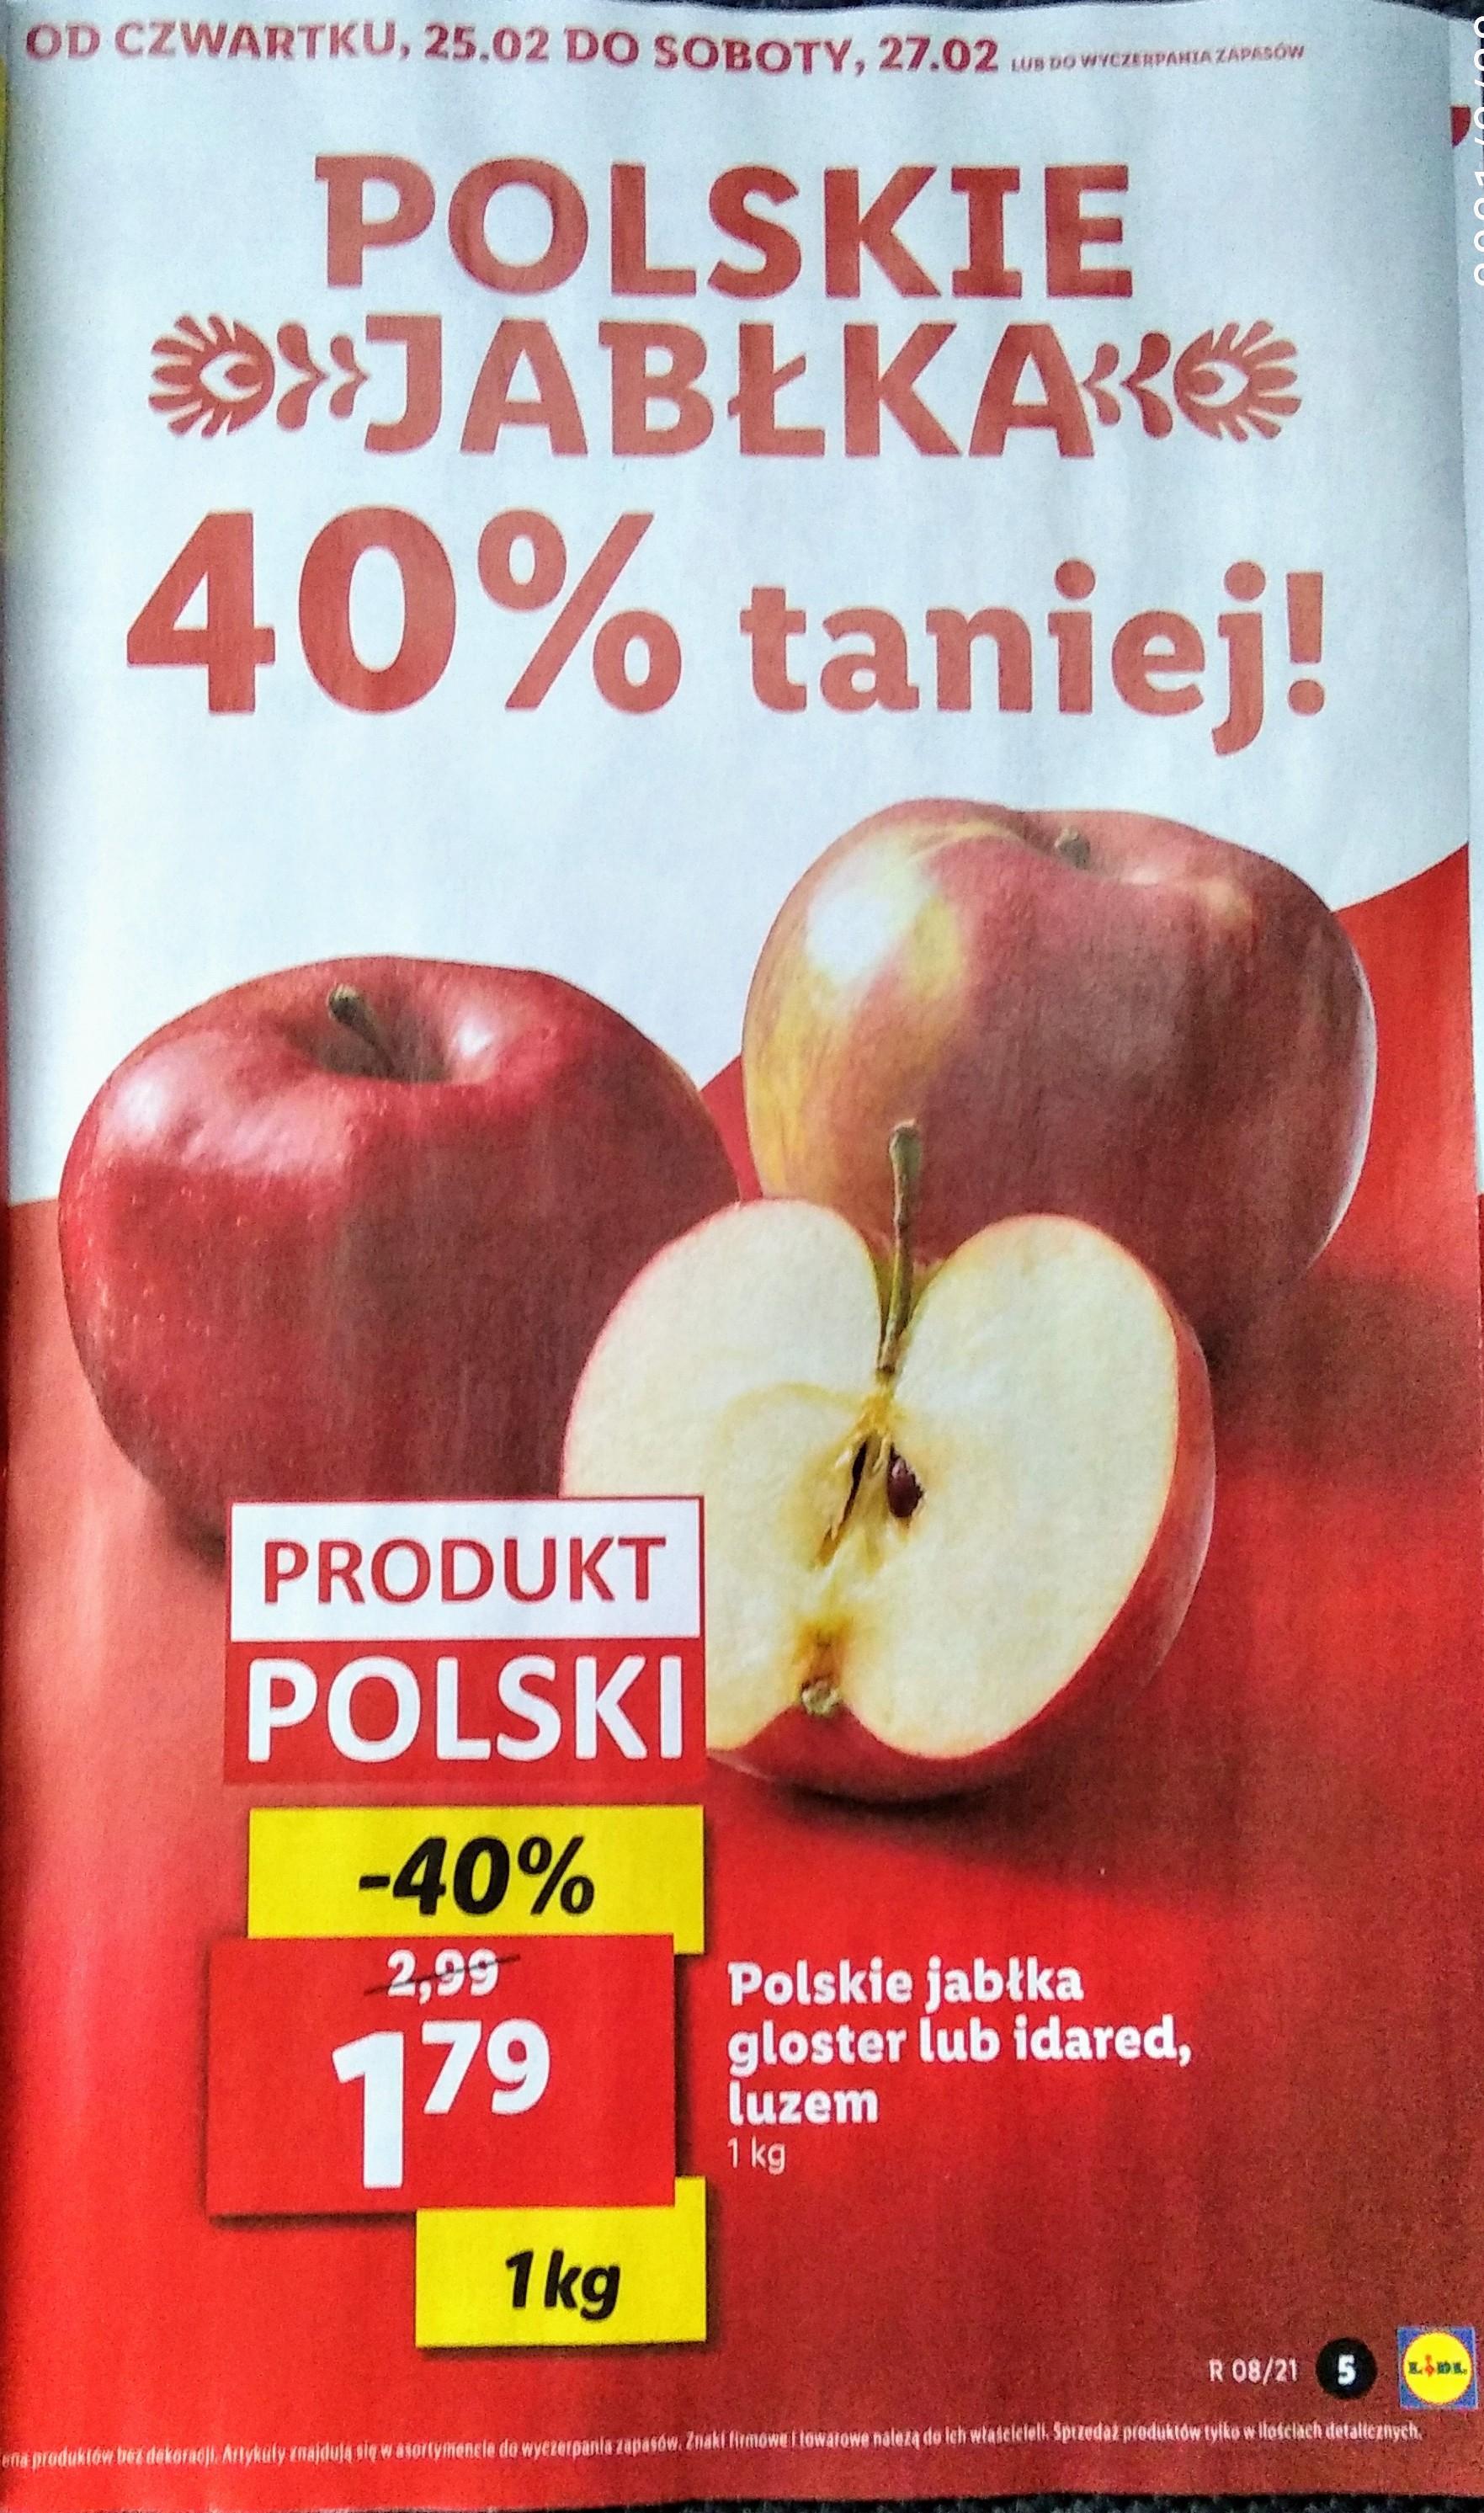 Polskie jabłka czerwone, Idared lub Gloster , cena za 1 kg w Lidl